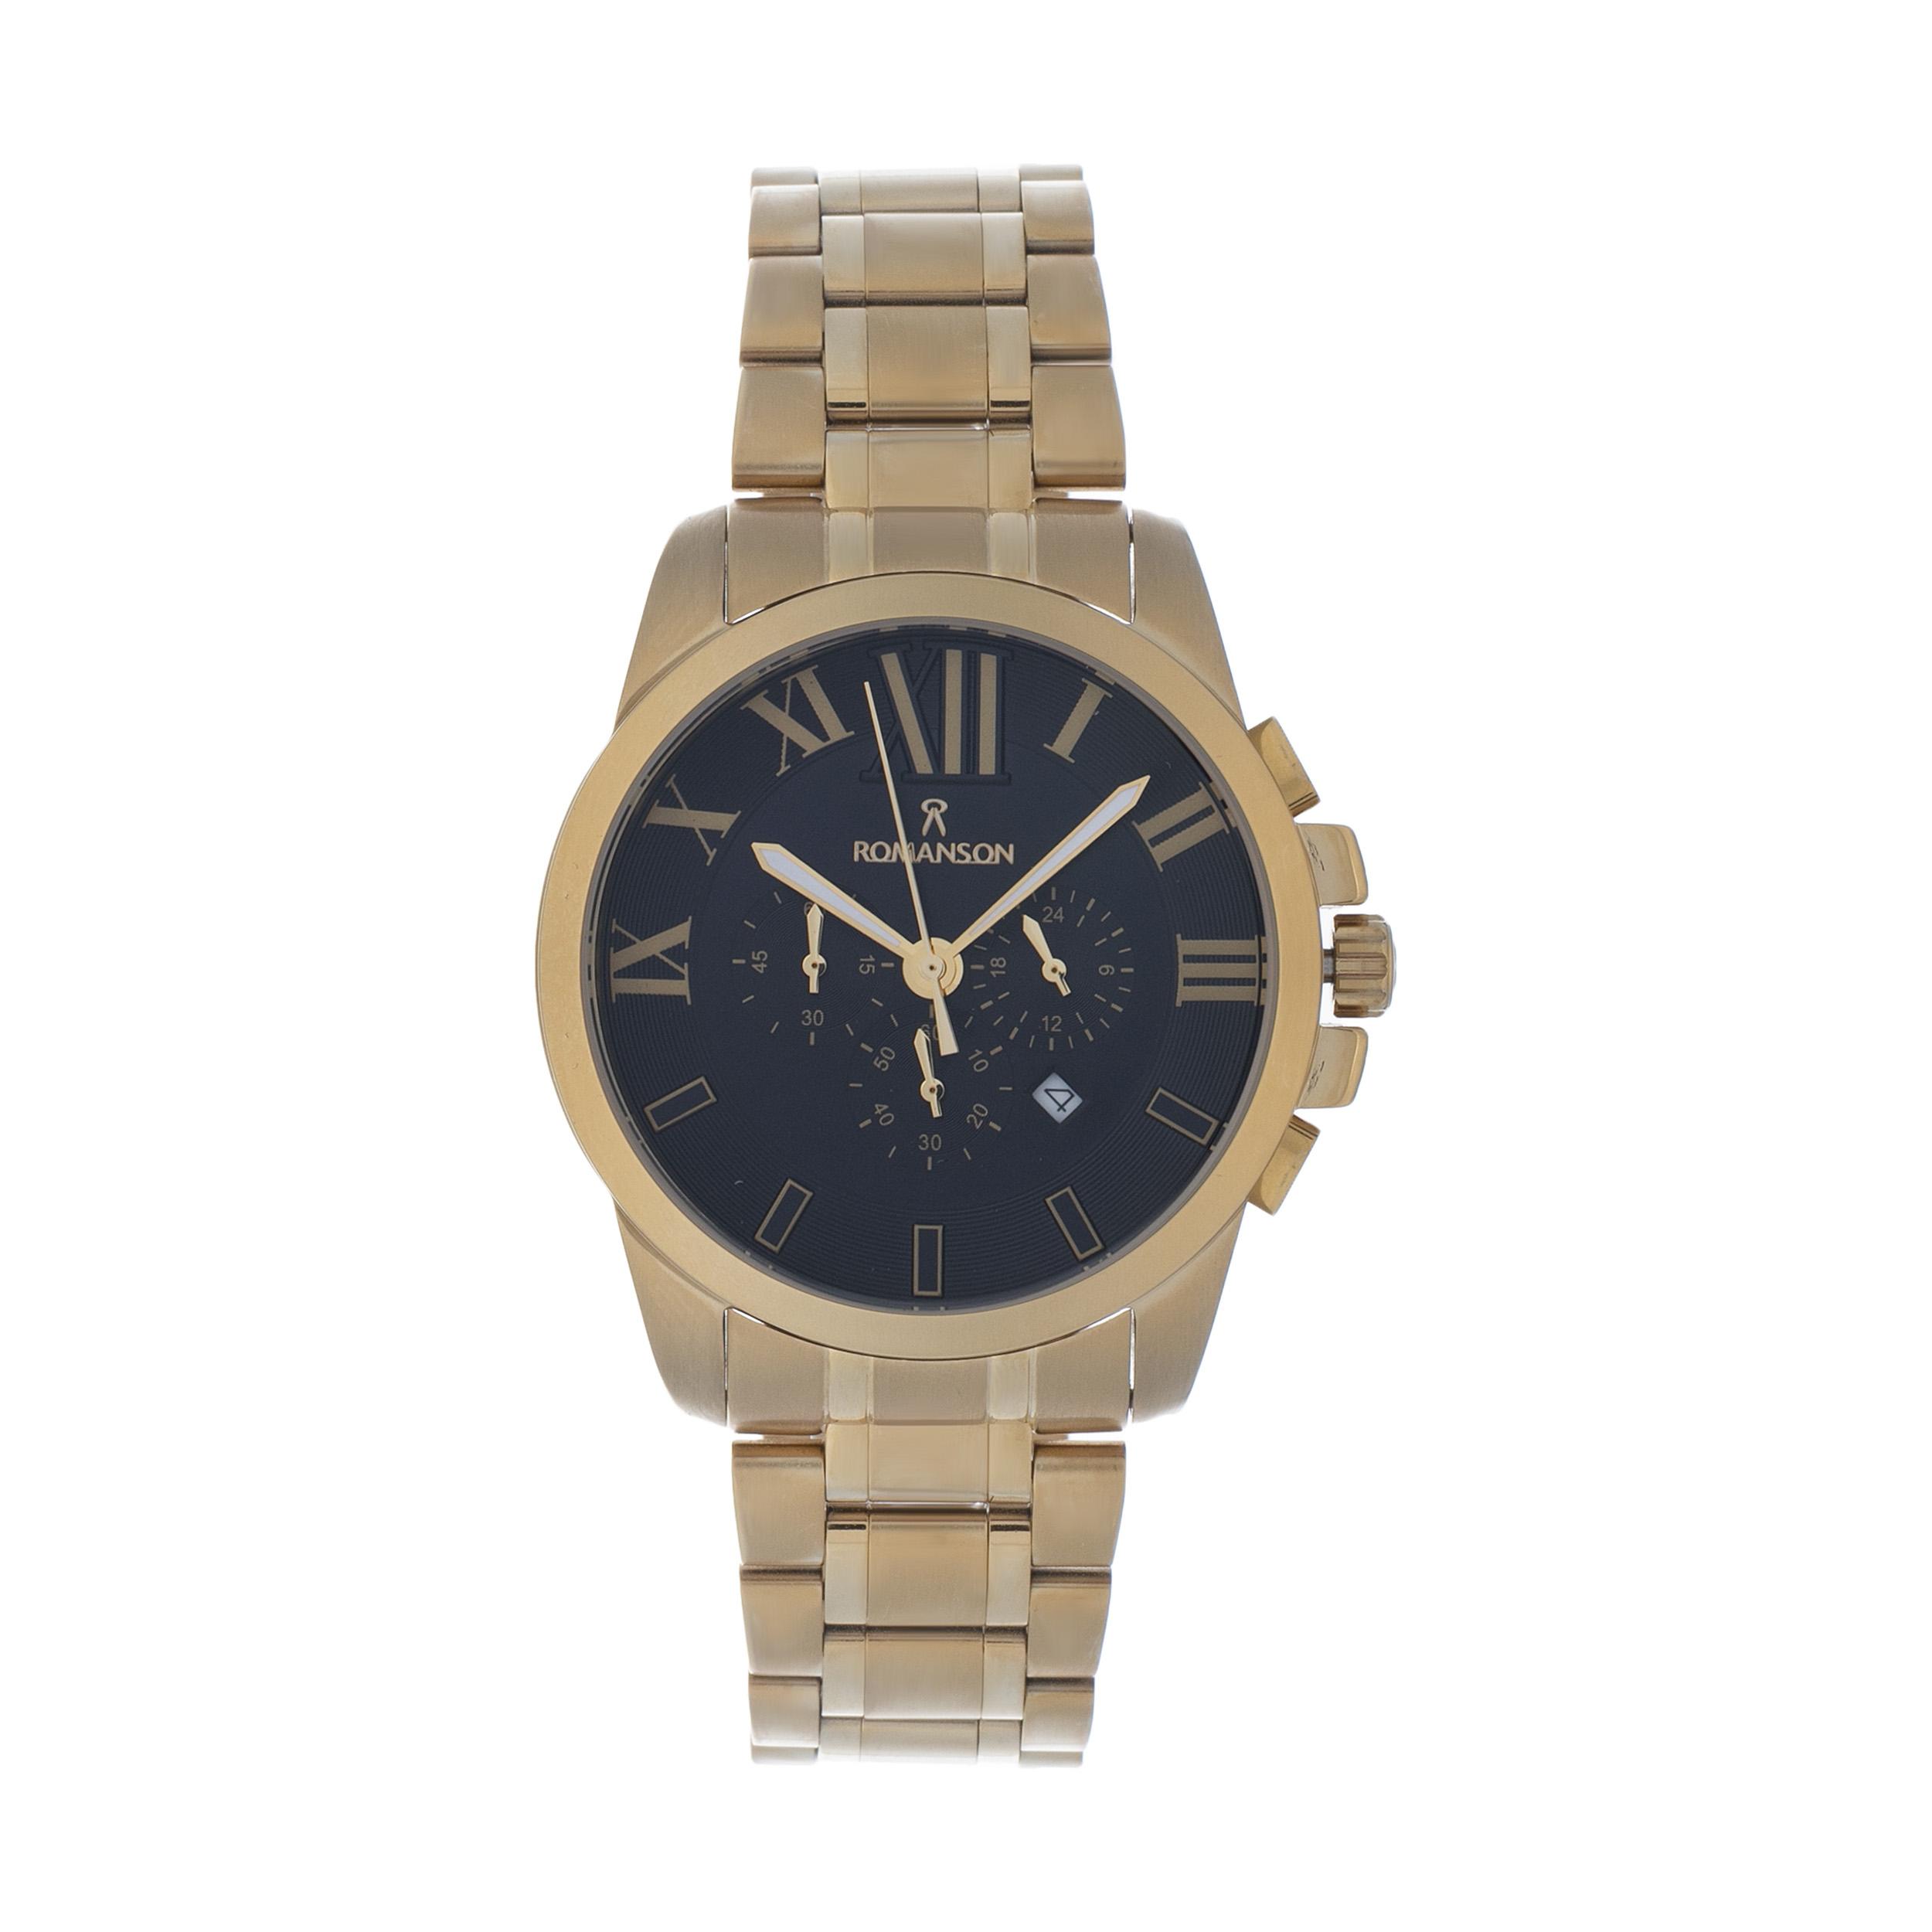 ساعت مچی عقربه ای مردانه مدل RM 6807 SG -TM به همراه دستمال مخصوص نانو برند کلیر واچ